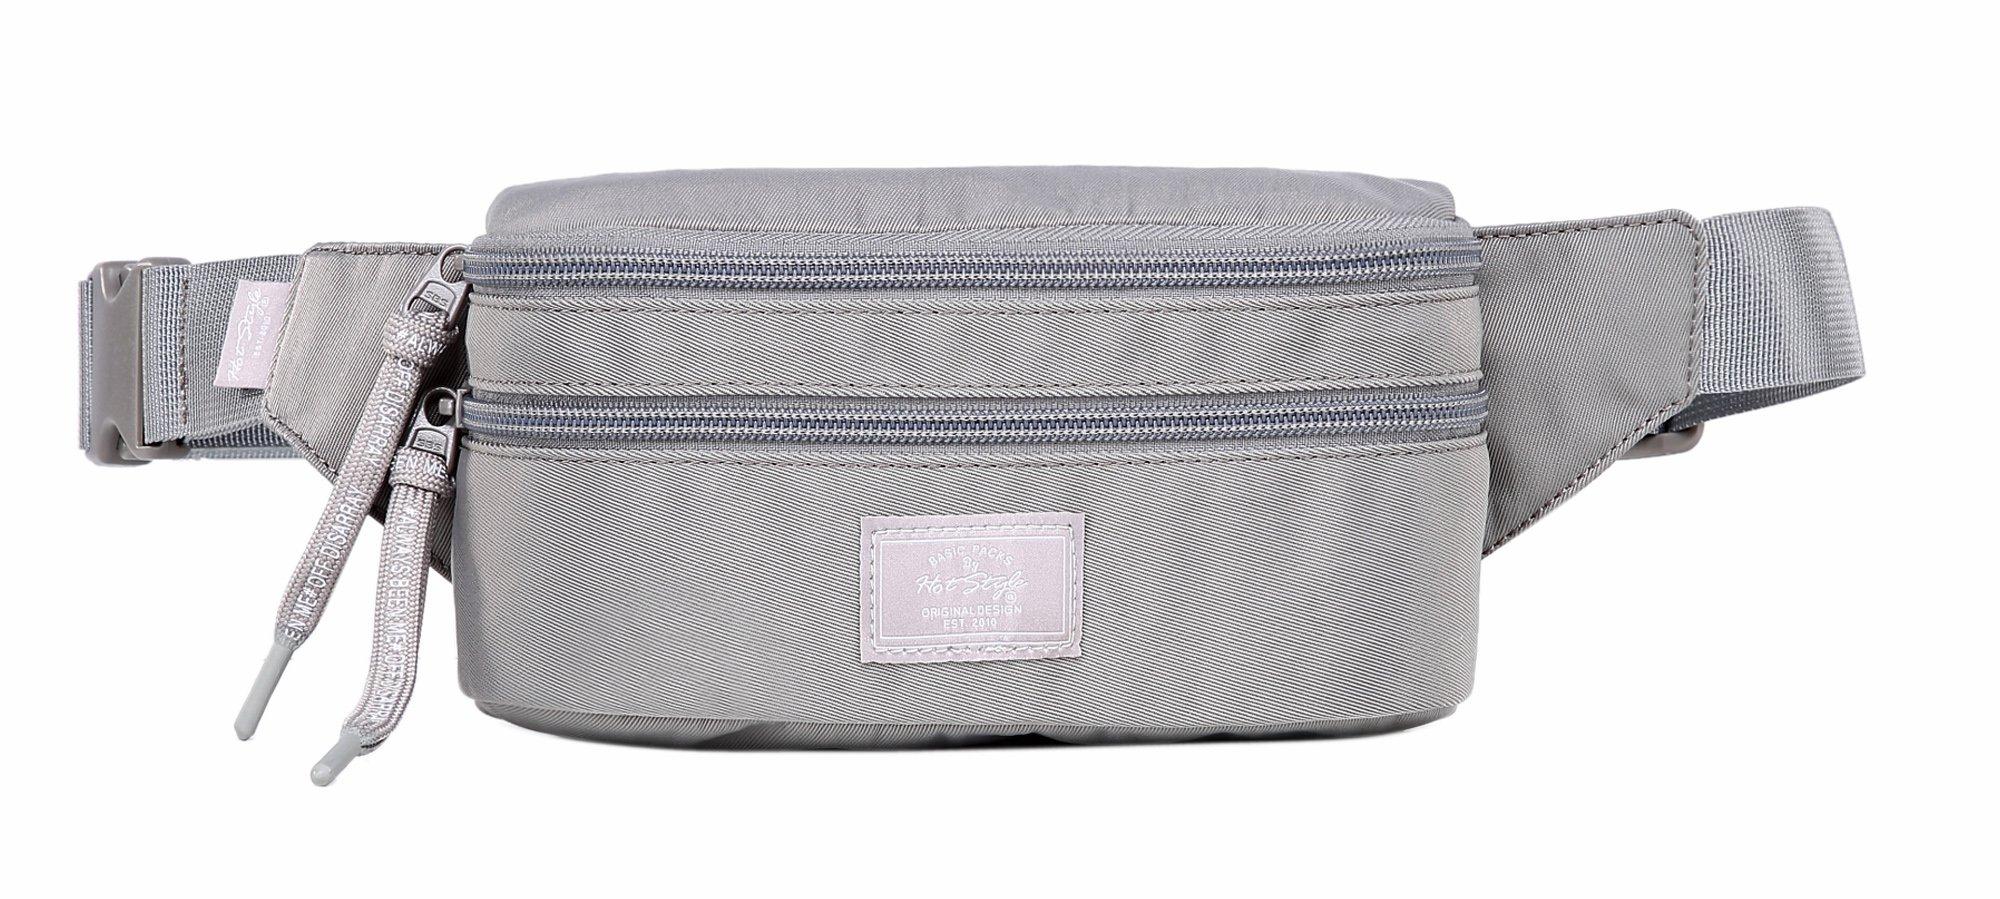 521s Fashion Waist Bag Cute Fanny Pack | 8.0''x2.5''x4.3'' | Silver